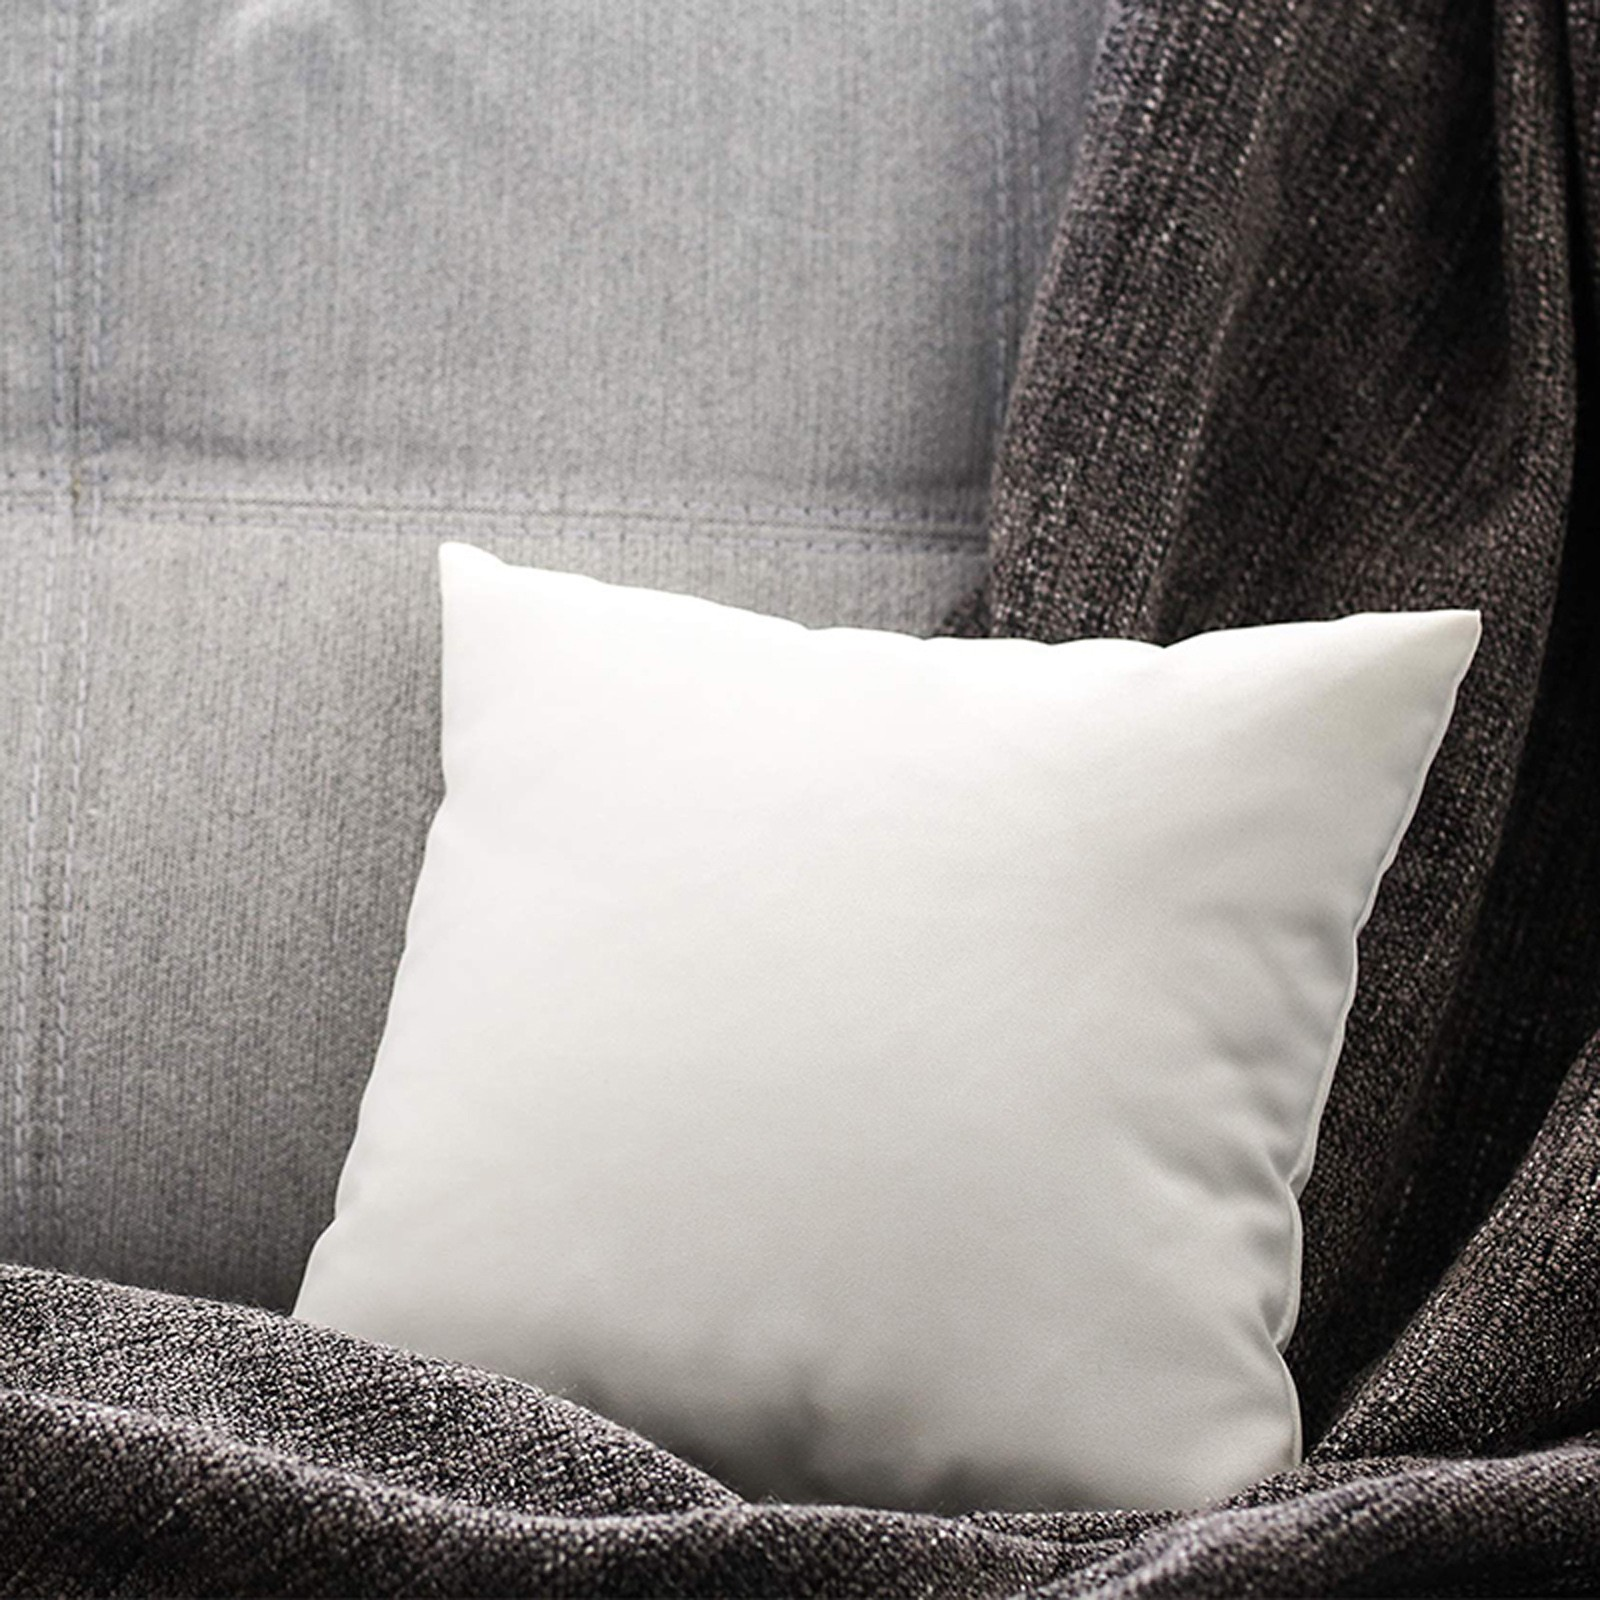 Подушка для изголовья кровати, Нетканая подушка, шерстяная подушка с наполнителем, квадратная подушка, тканевая Подушка, однотонные подушк...